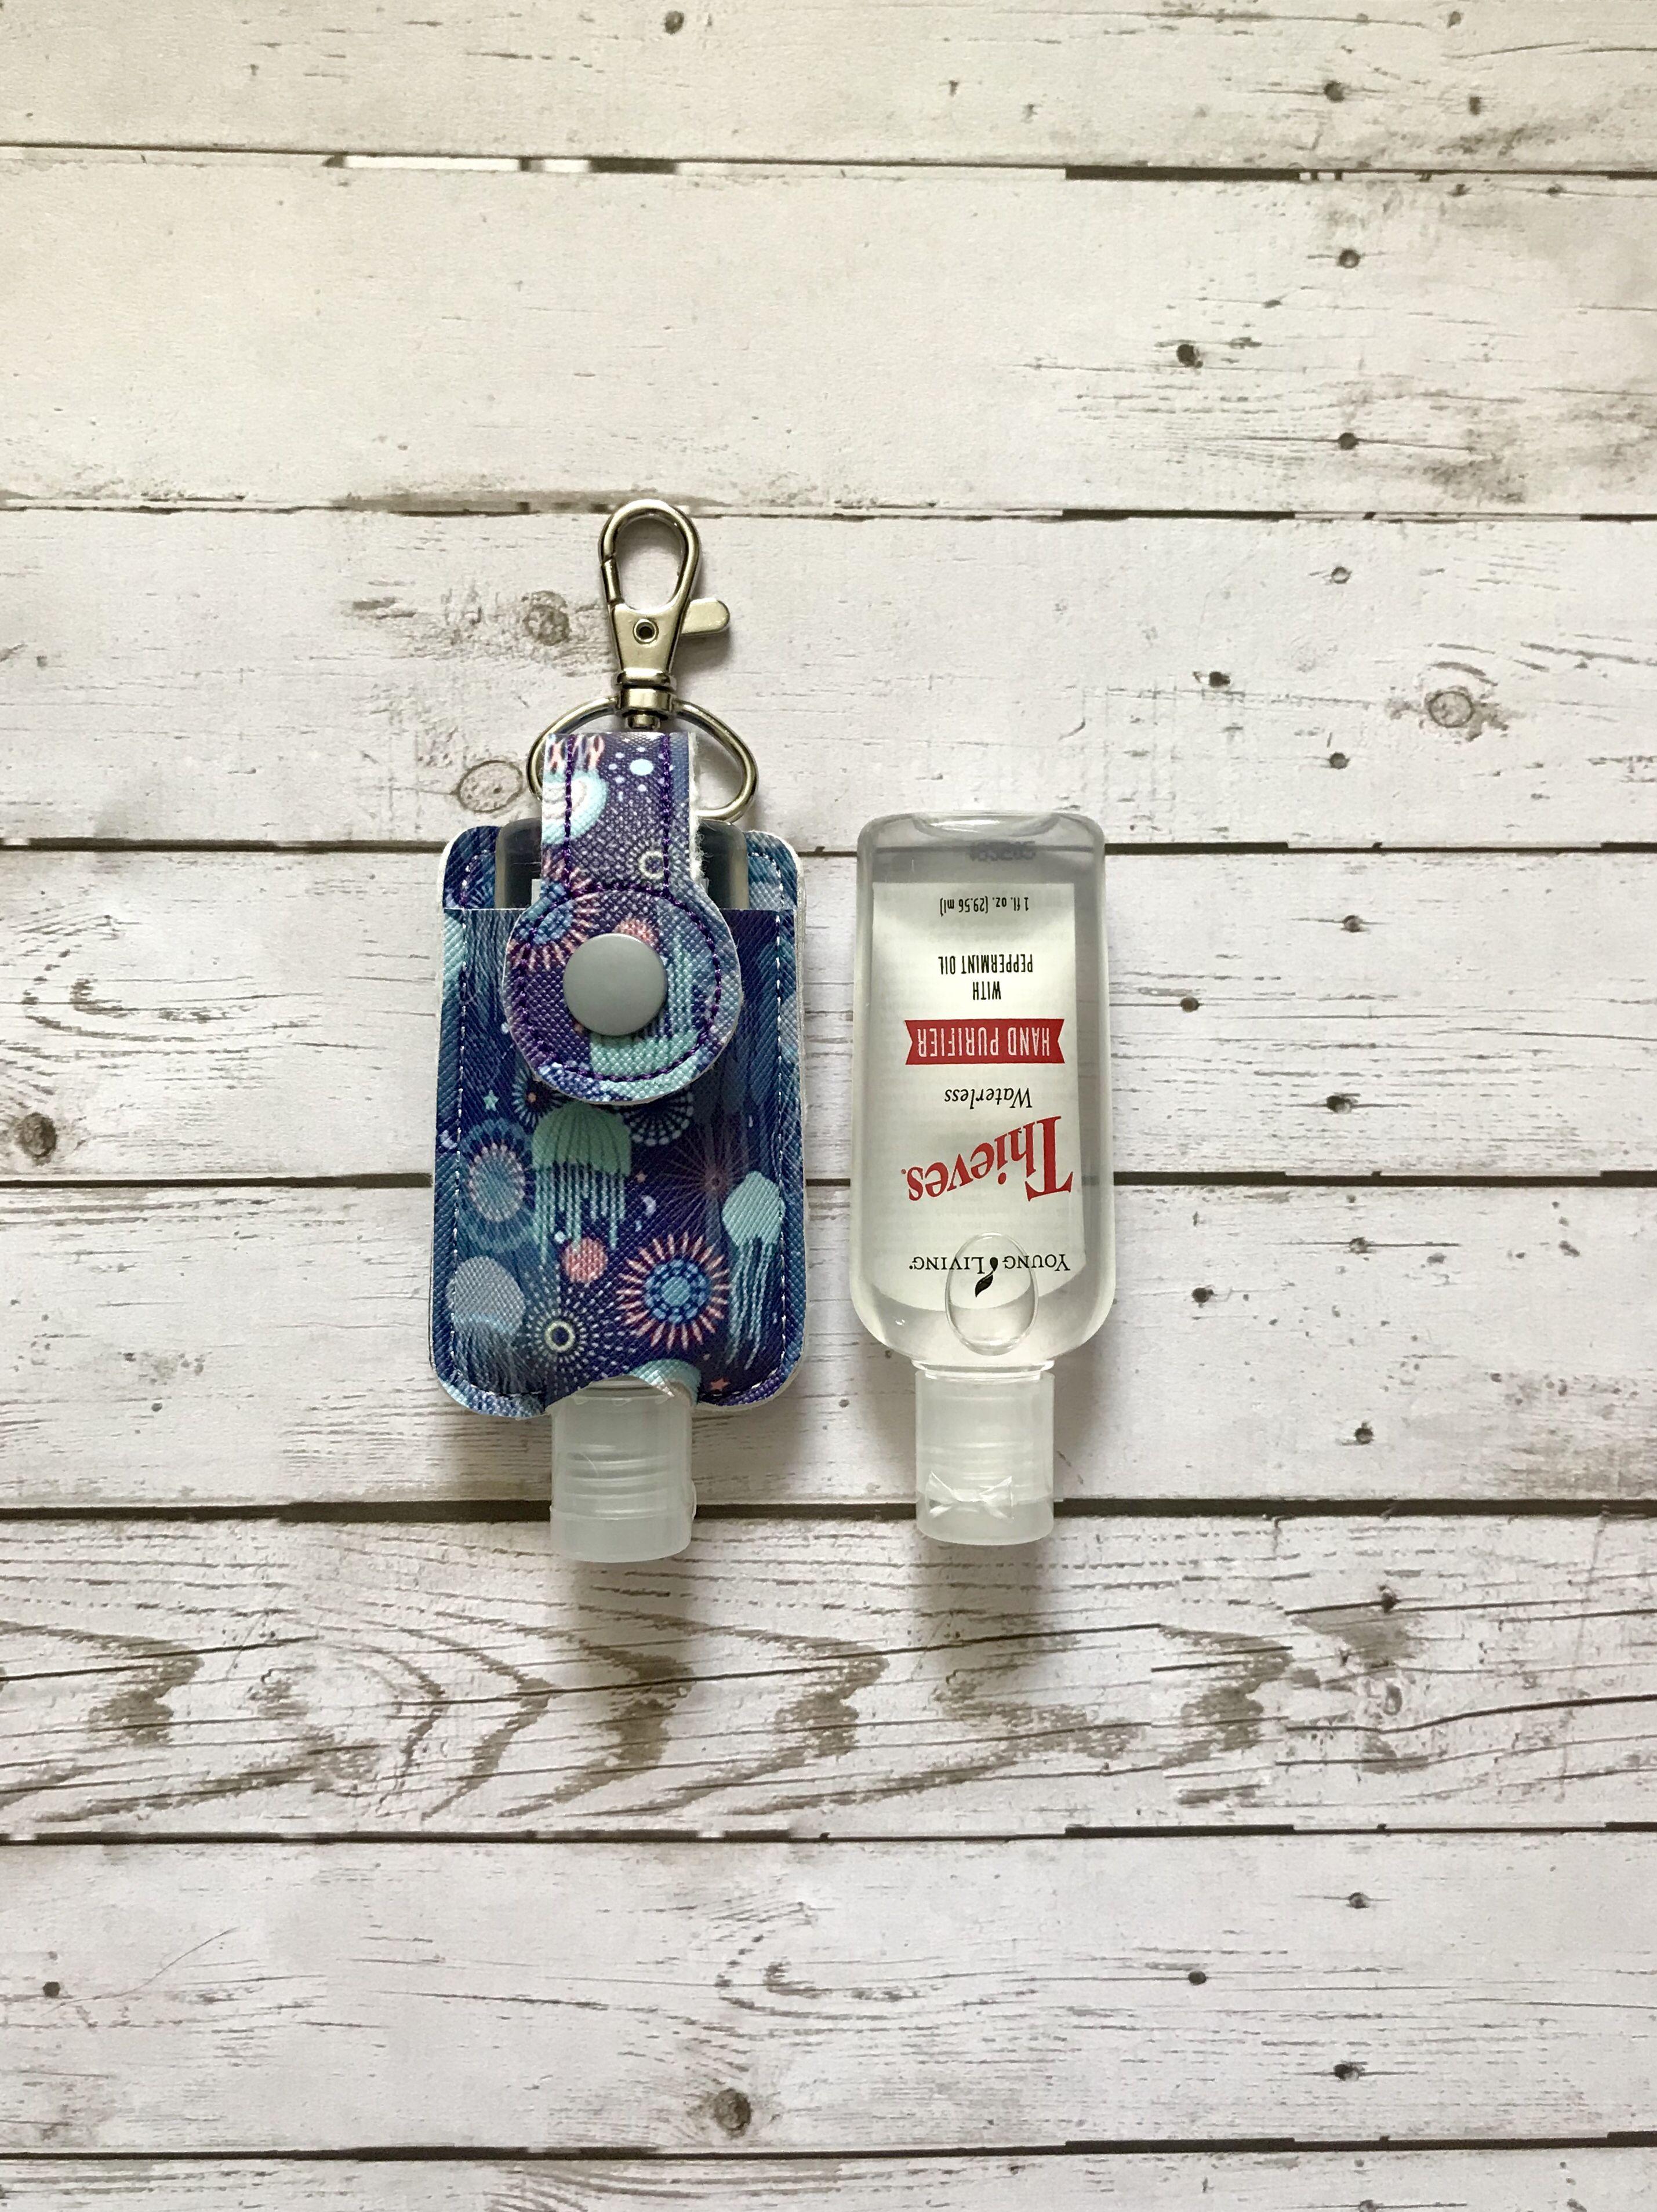 Hand Sanitizer Keychain Holder The Original พวงก ญแจ